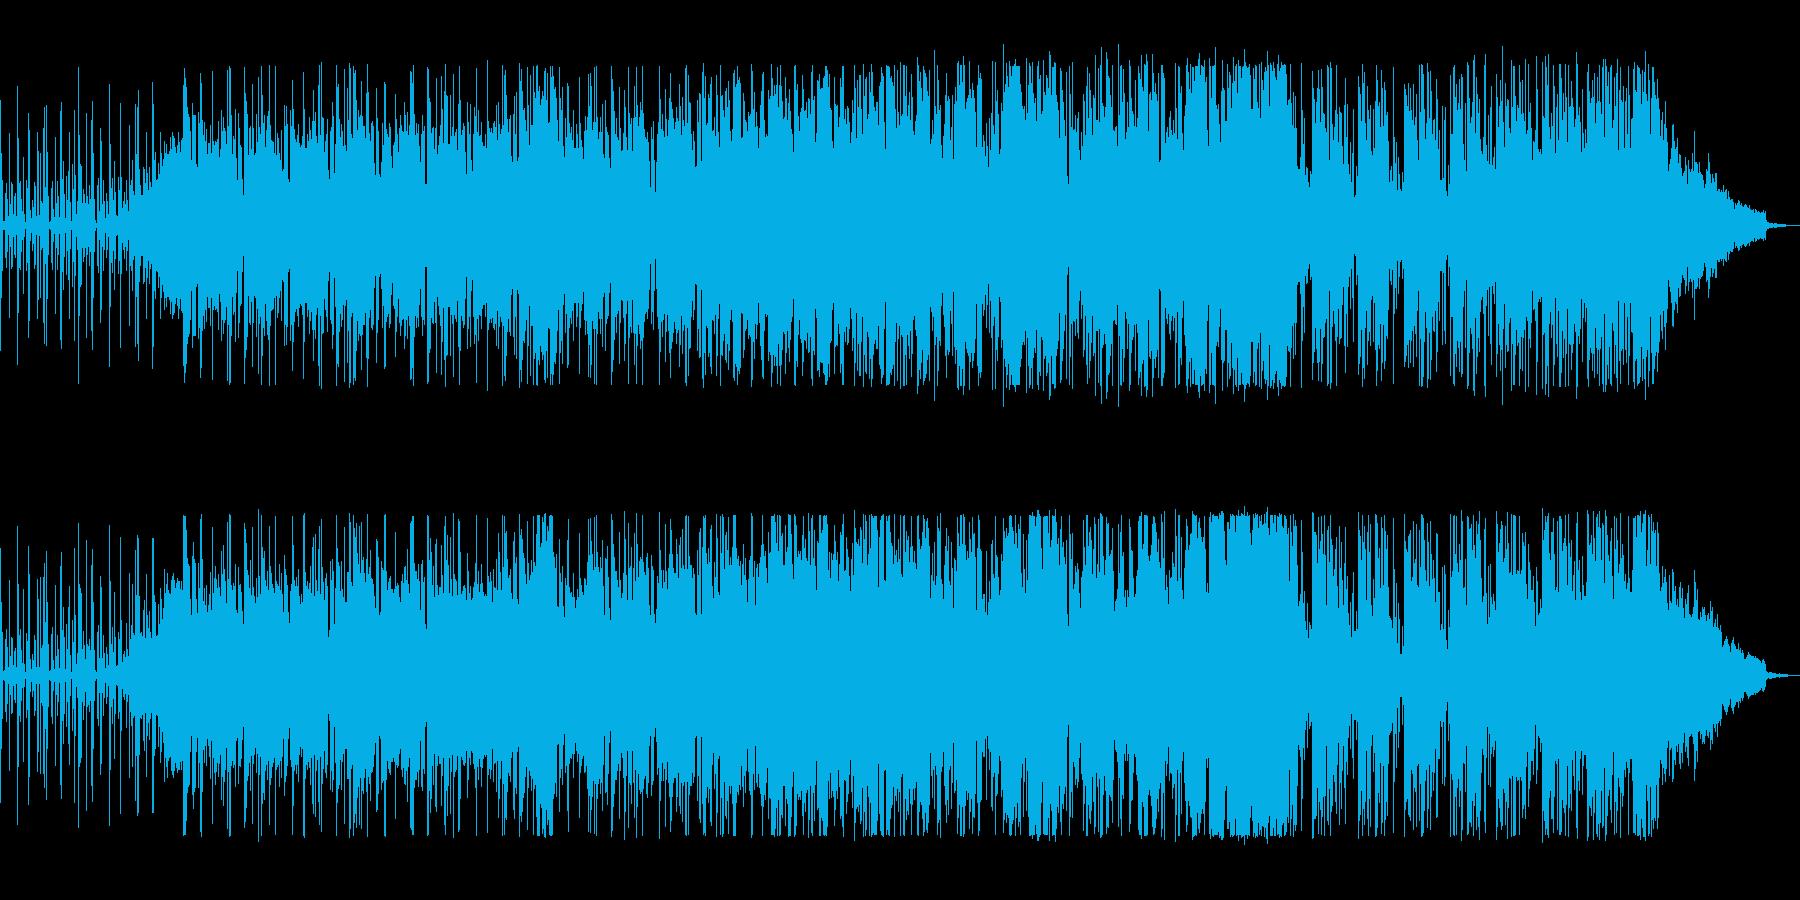 爽やかで透明感のあるテクノ風ジャズの再生済みの波形